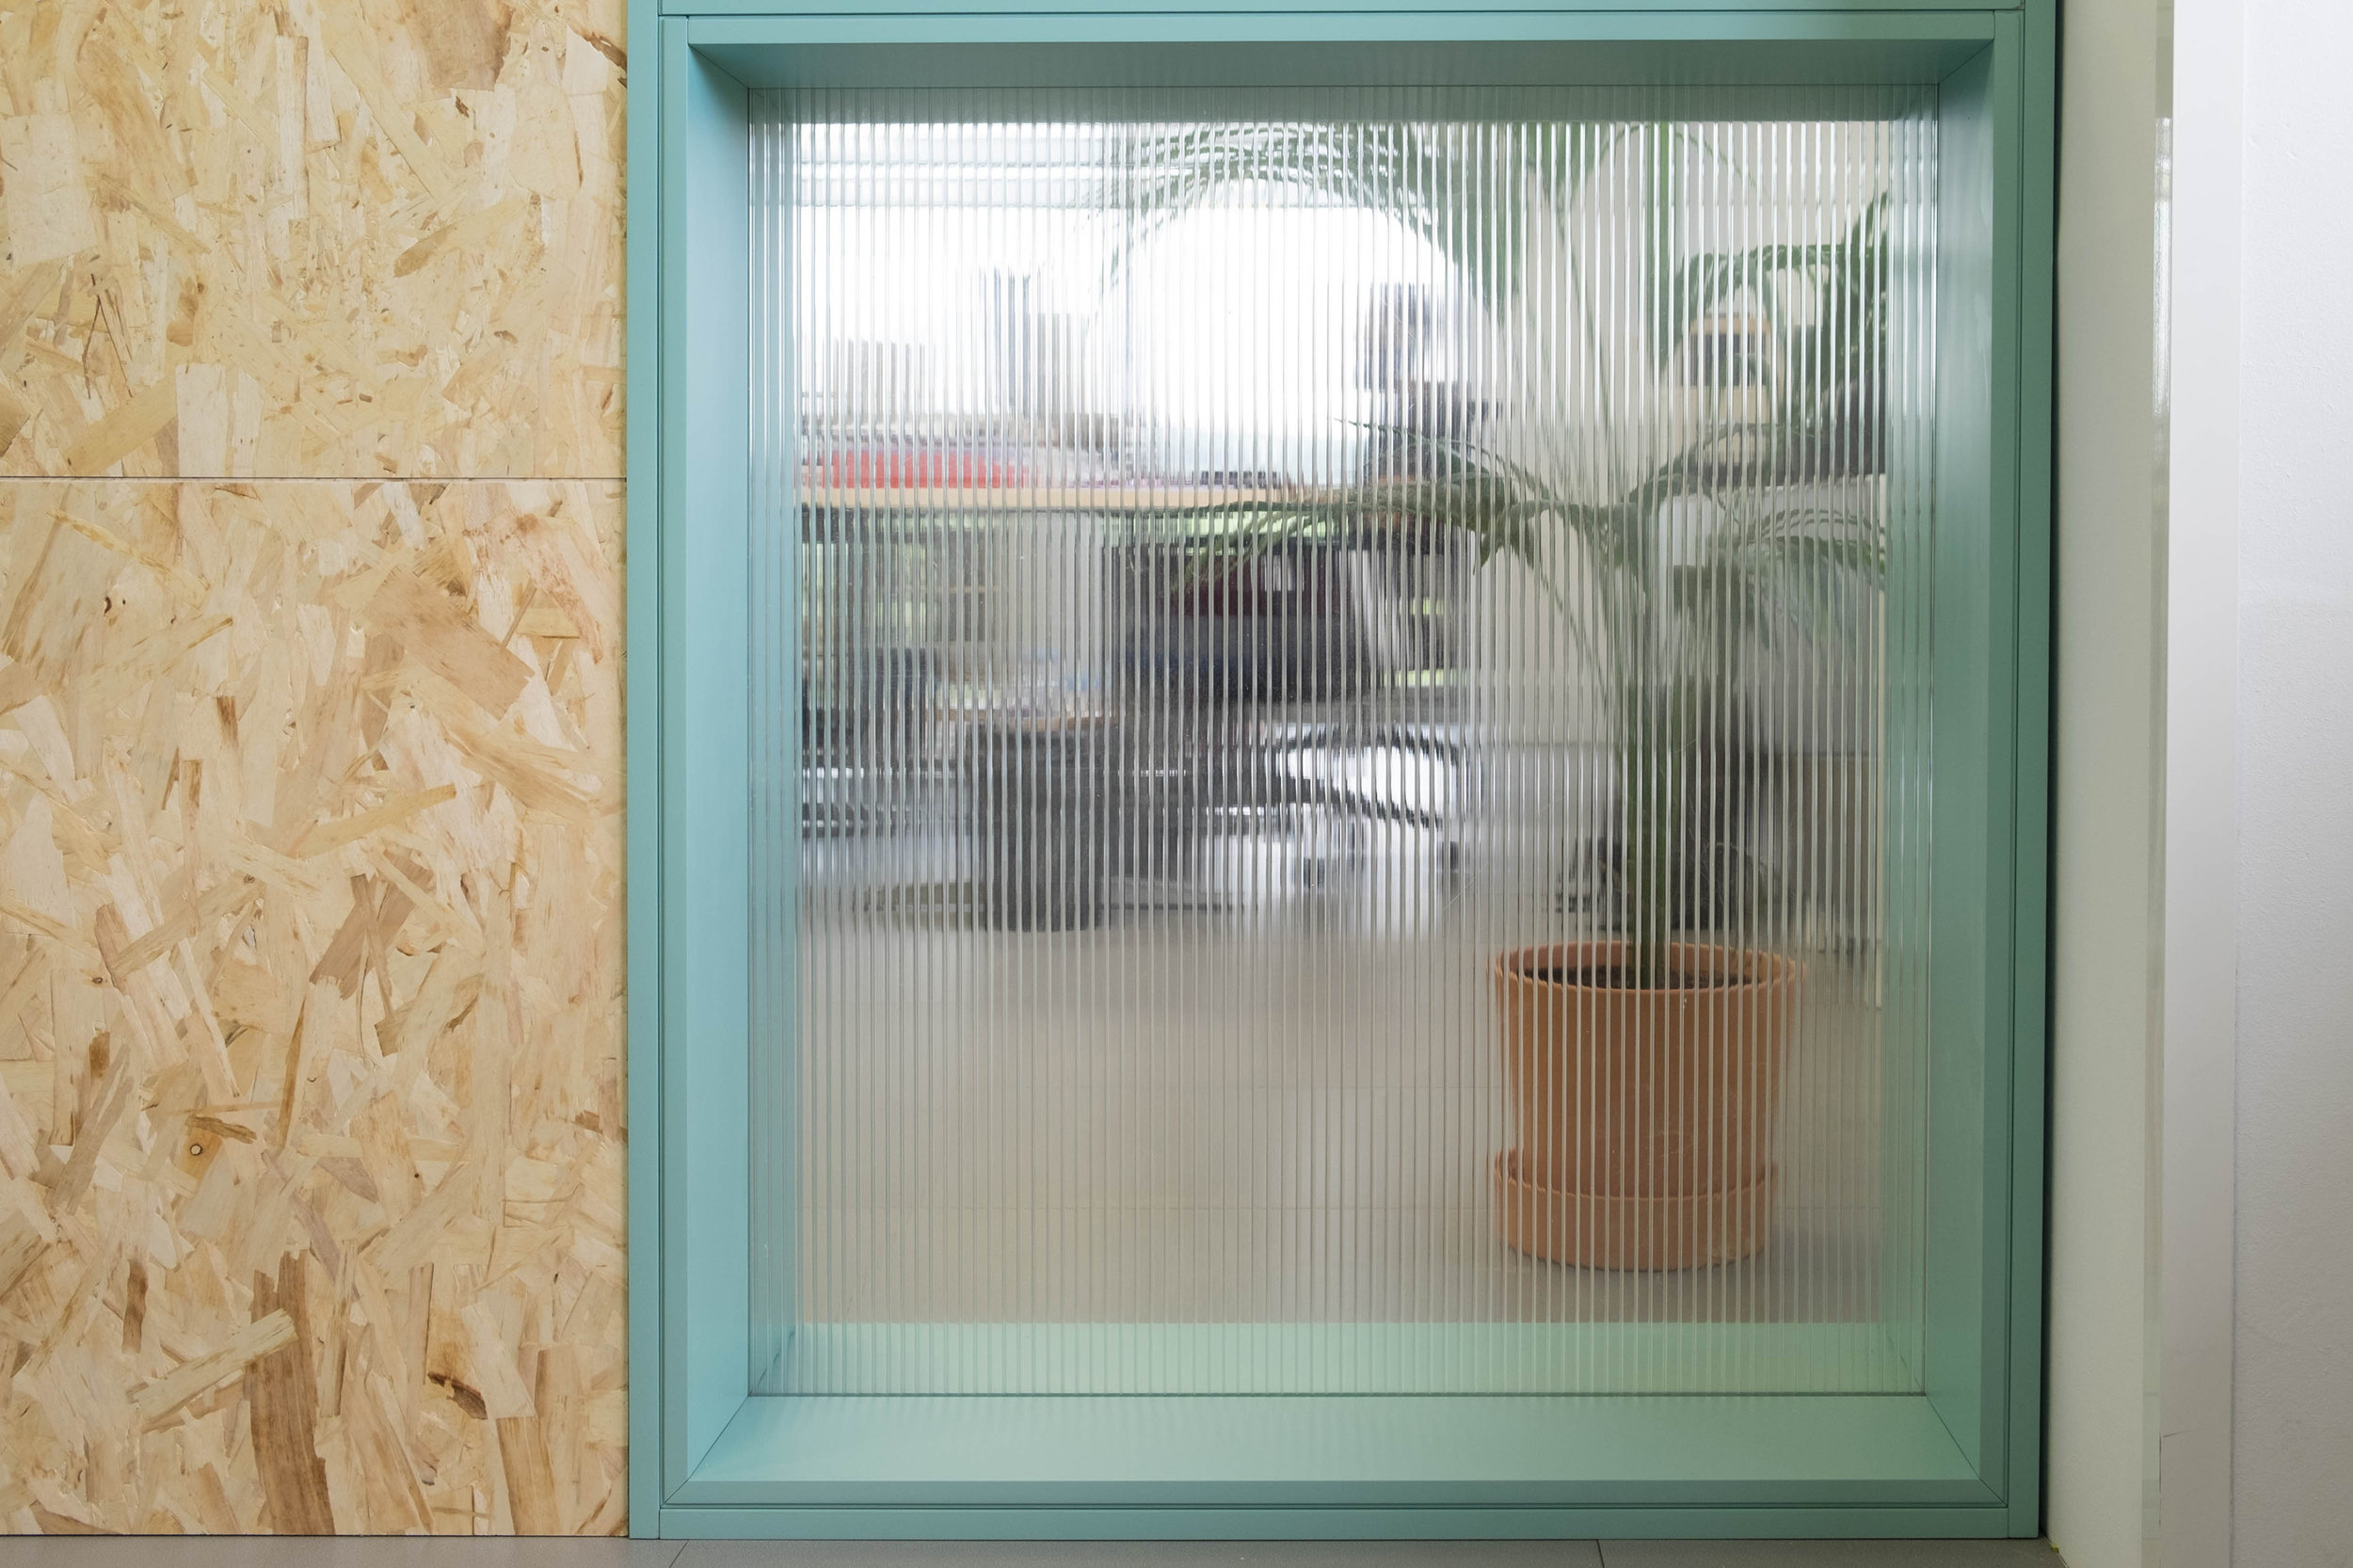 El panel de policarbonato nos da un juego de transparencias y aporta luminosidad al interior de la sala de reuniones.